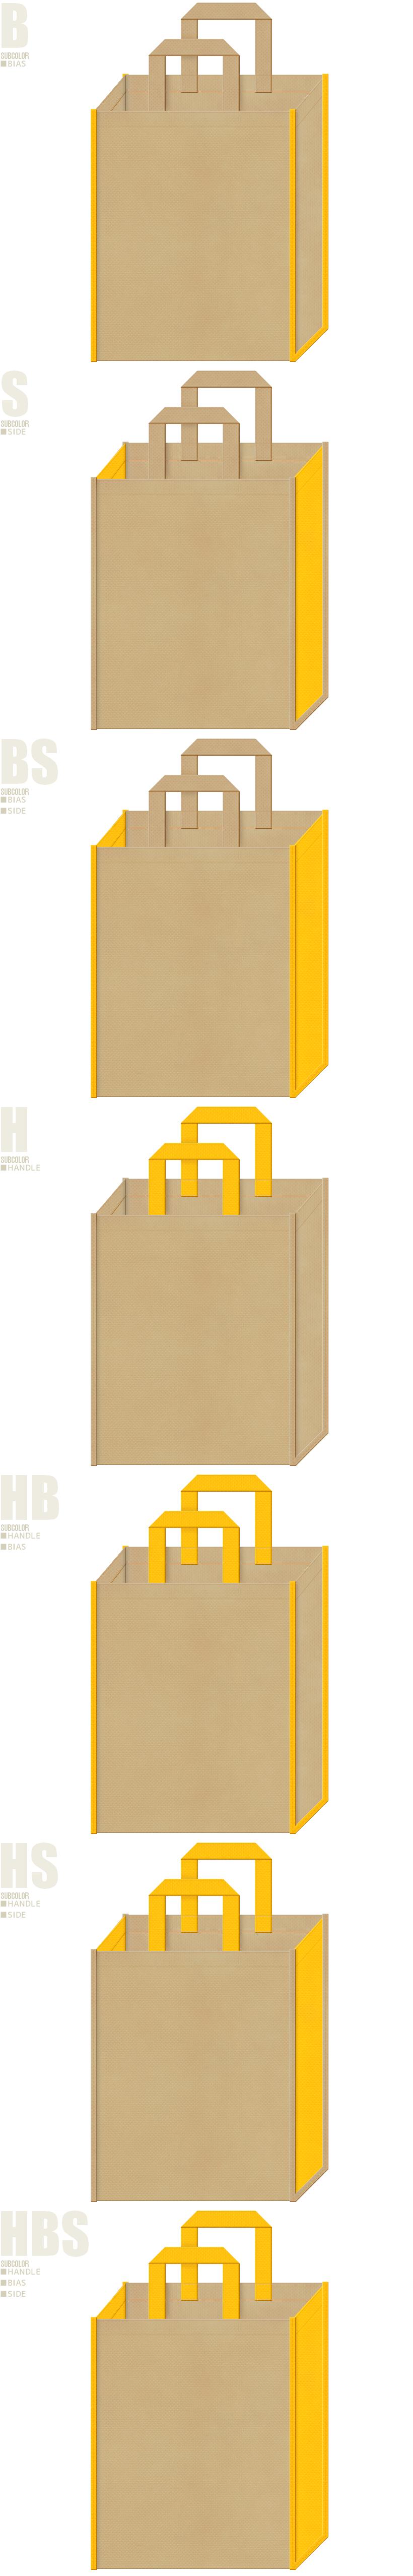 はちみつ・バター・マロンケーキ・スイーツ・ベーカリーショップにお奨めの不織布バッグデザイン:カーキ色と黄色の配色7パターン。